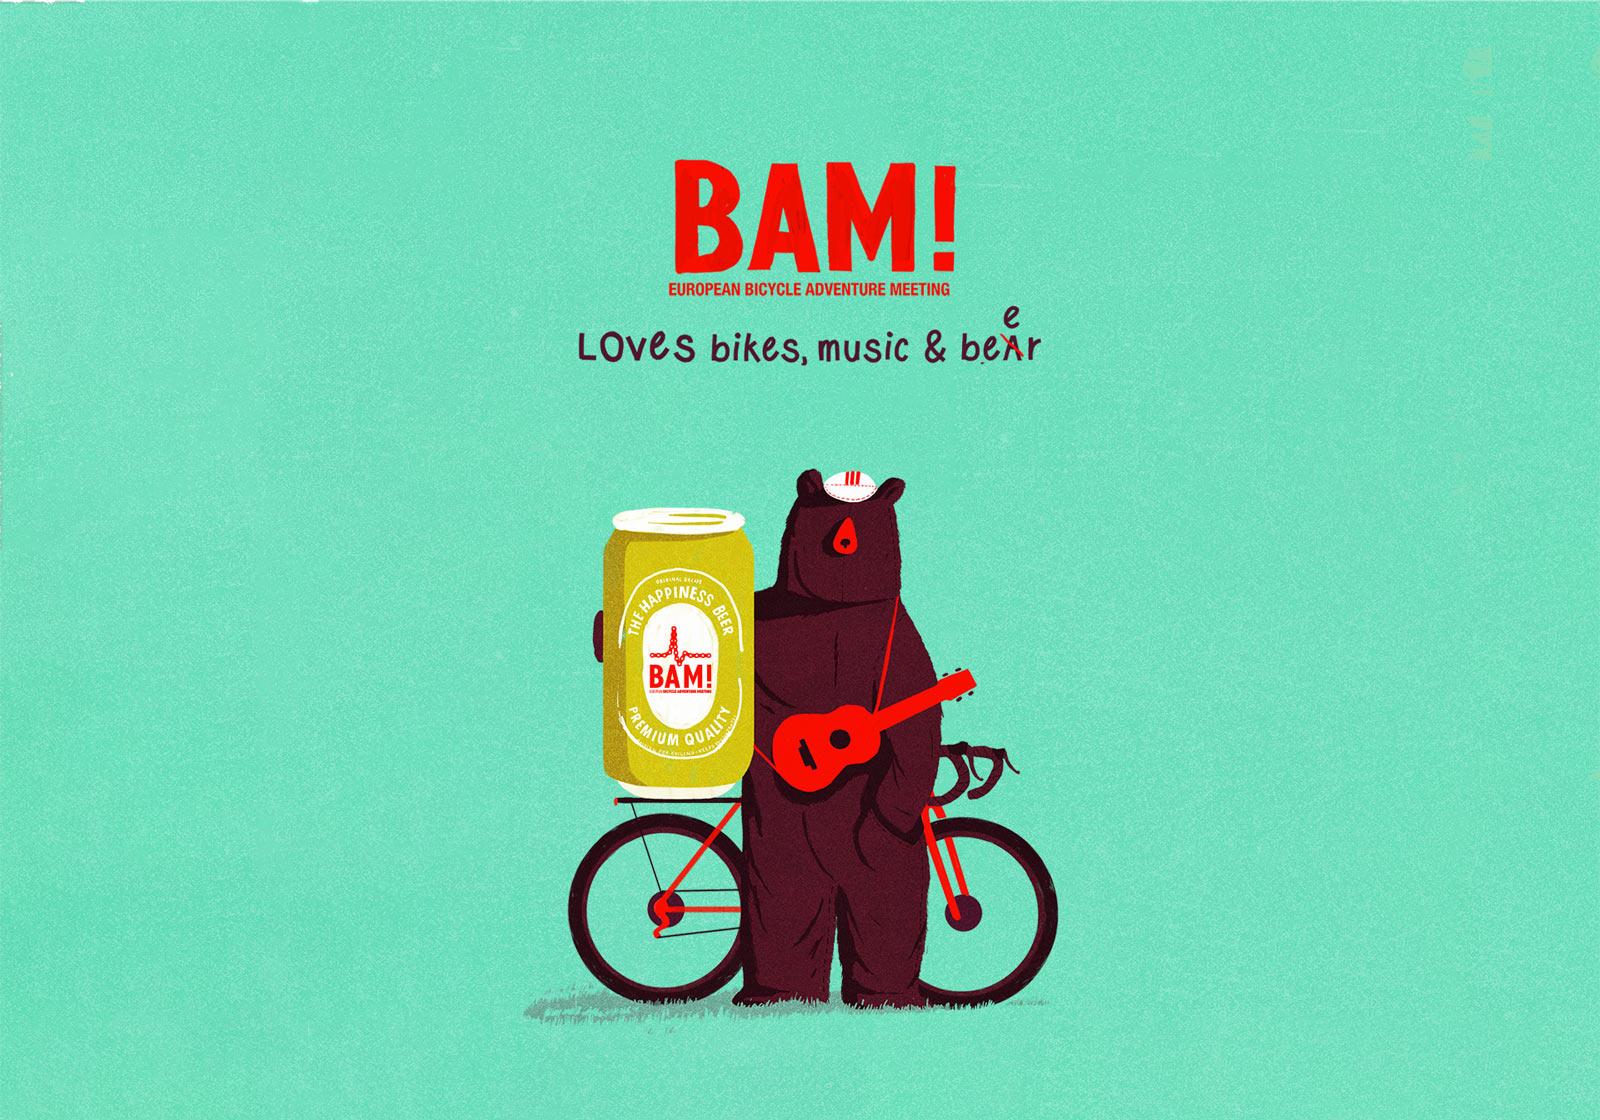 BAM_bear1-landscape_no-dates